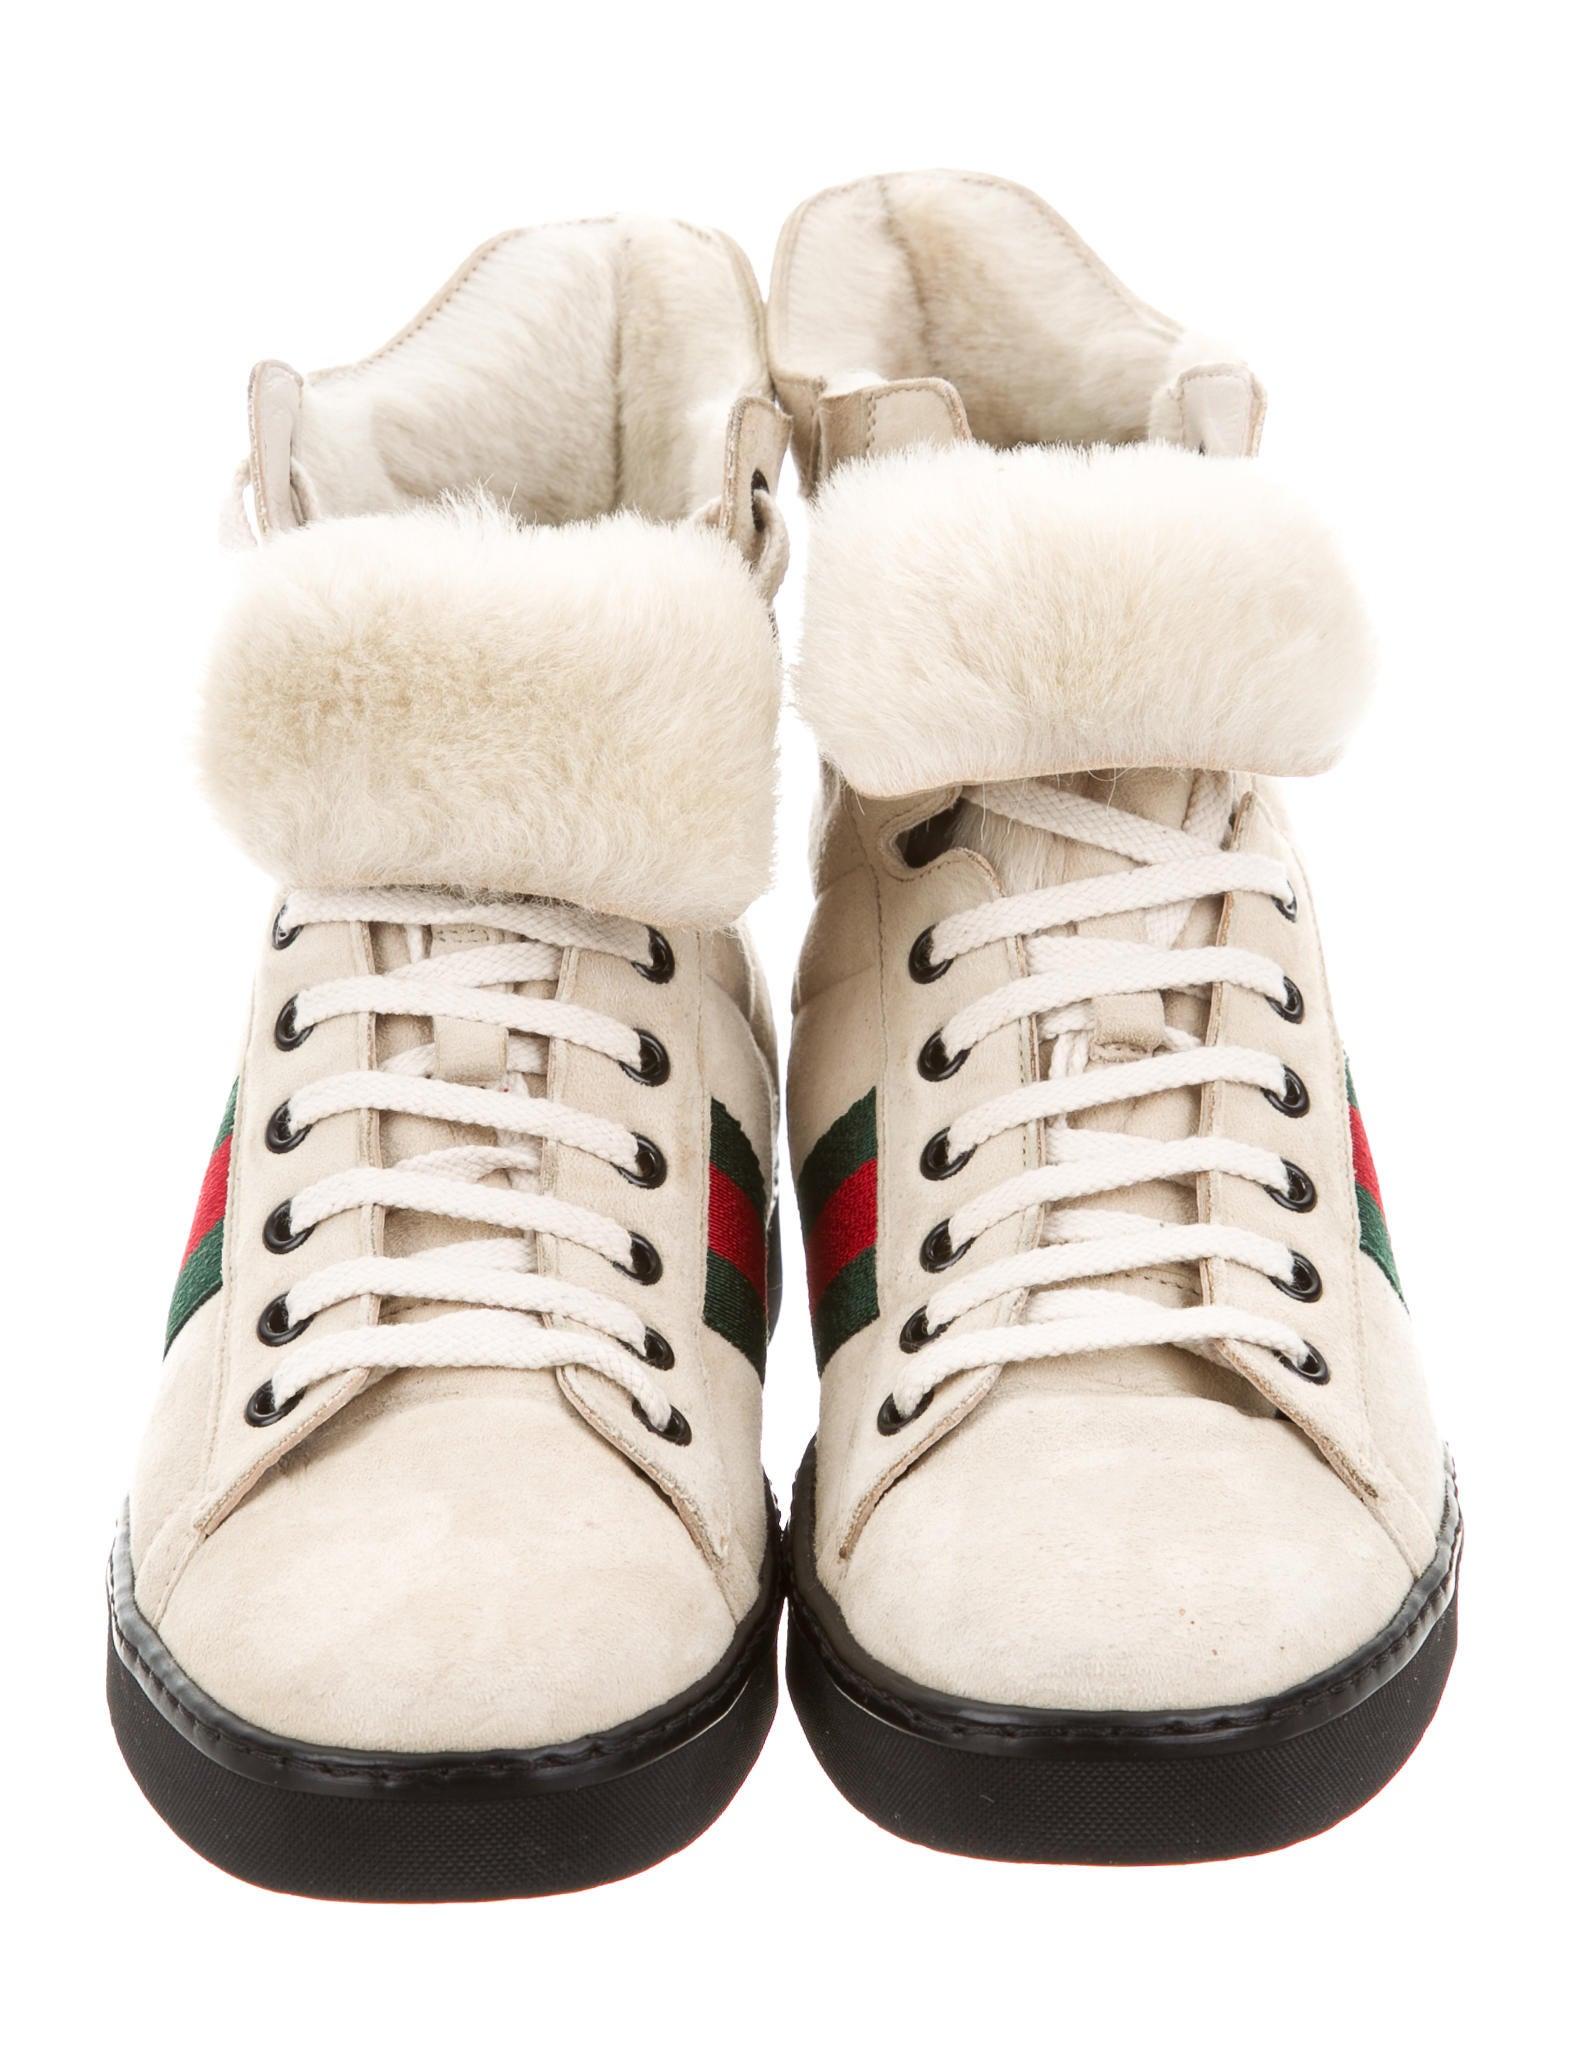 6b66f31fdb2 Gucci Sneakers With Fur